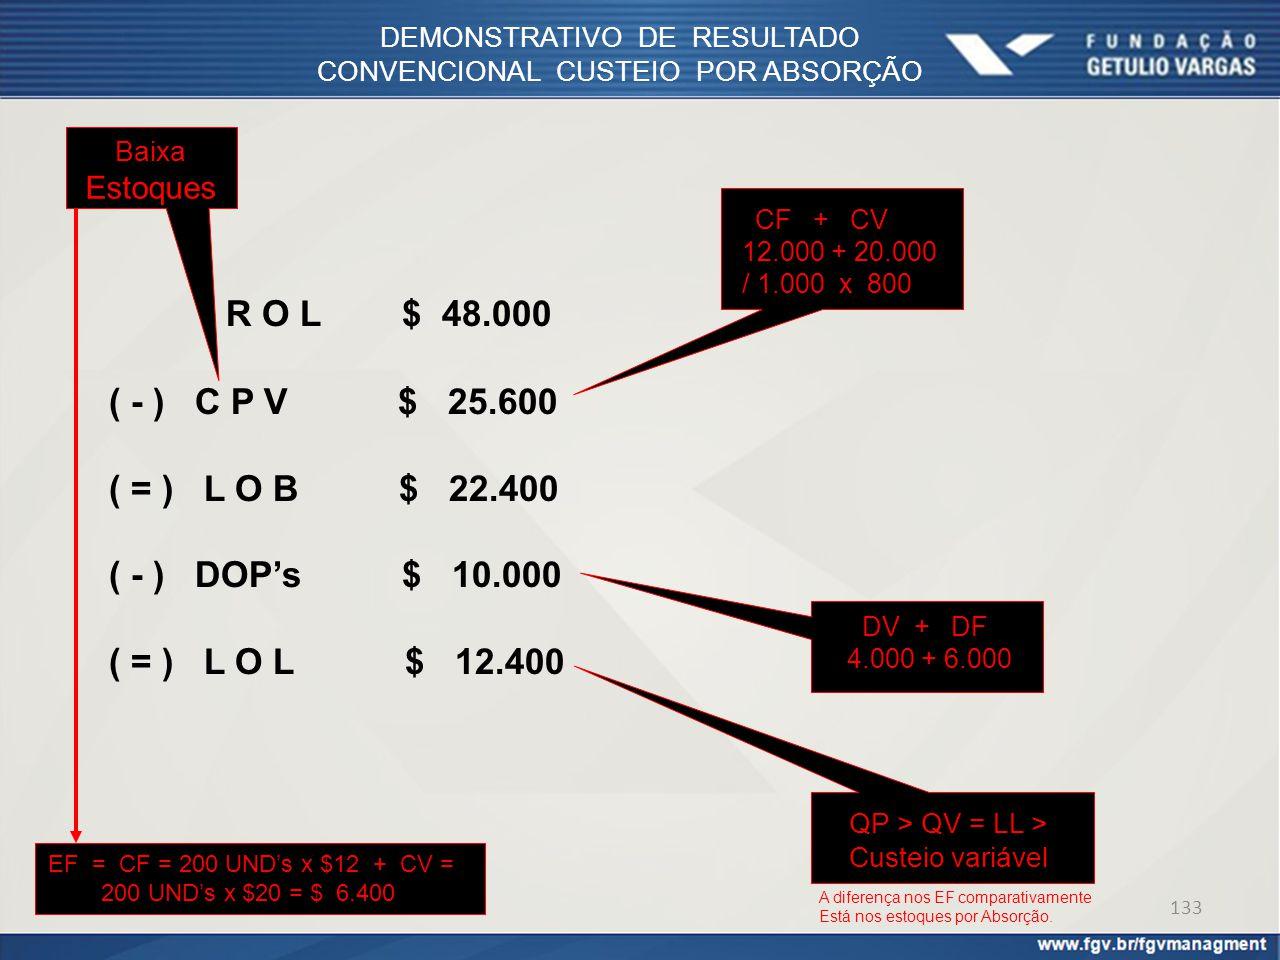 DEMONSTRATIVO DE RESULTADO CONVENCIONAL CUSTEIO POR ABSORÇÃO R O L $ 48.000 ( - ) C P V $ 25.600 ( = ) L O B $ 22.400 ( - ) DOP's $ 10.000 ( = ) L O L